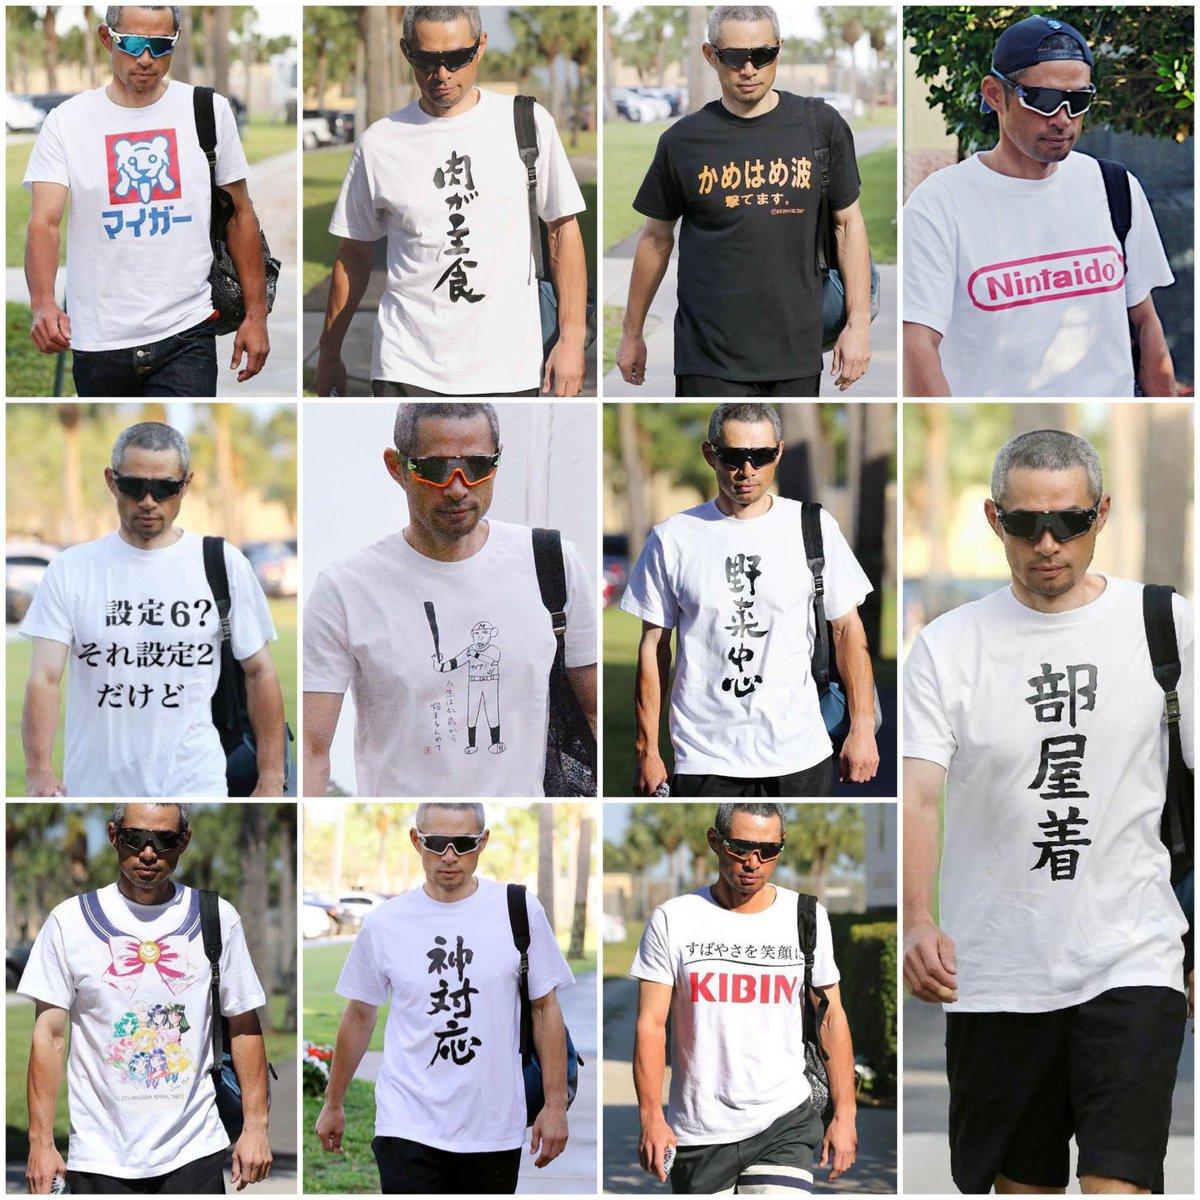 イチロー選手のキャンプ中の面白いTシャツ一覧まとめ